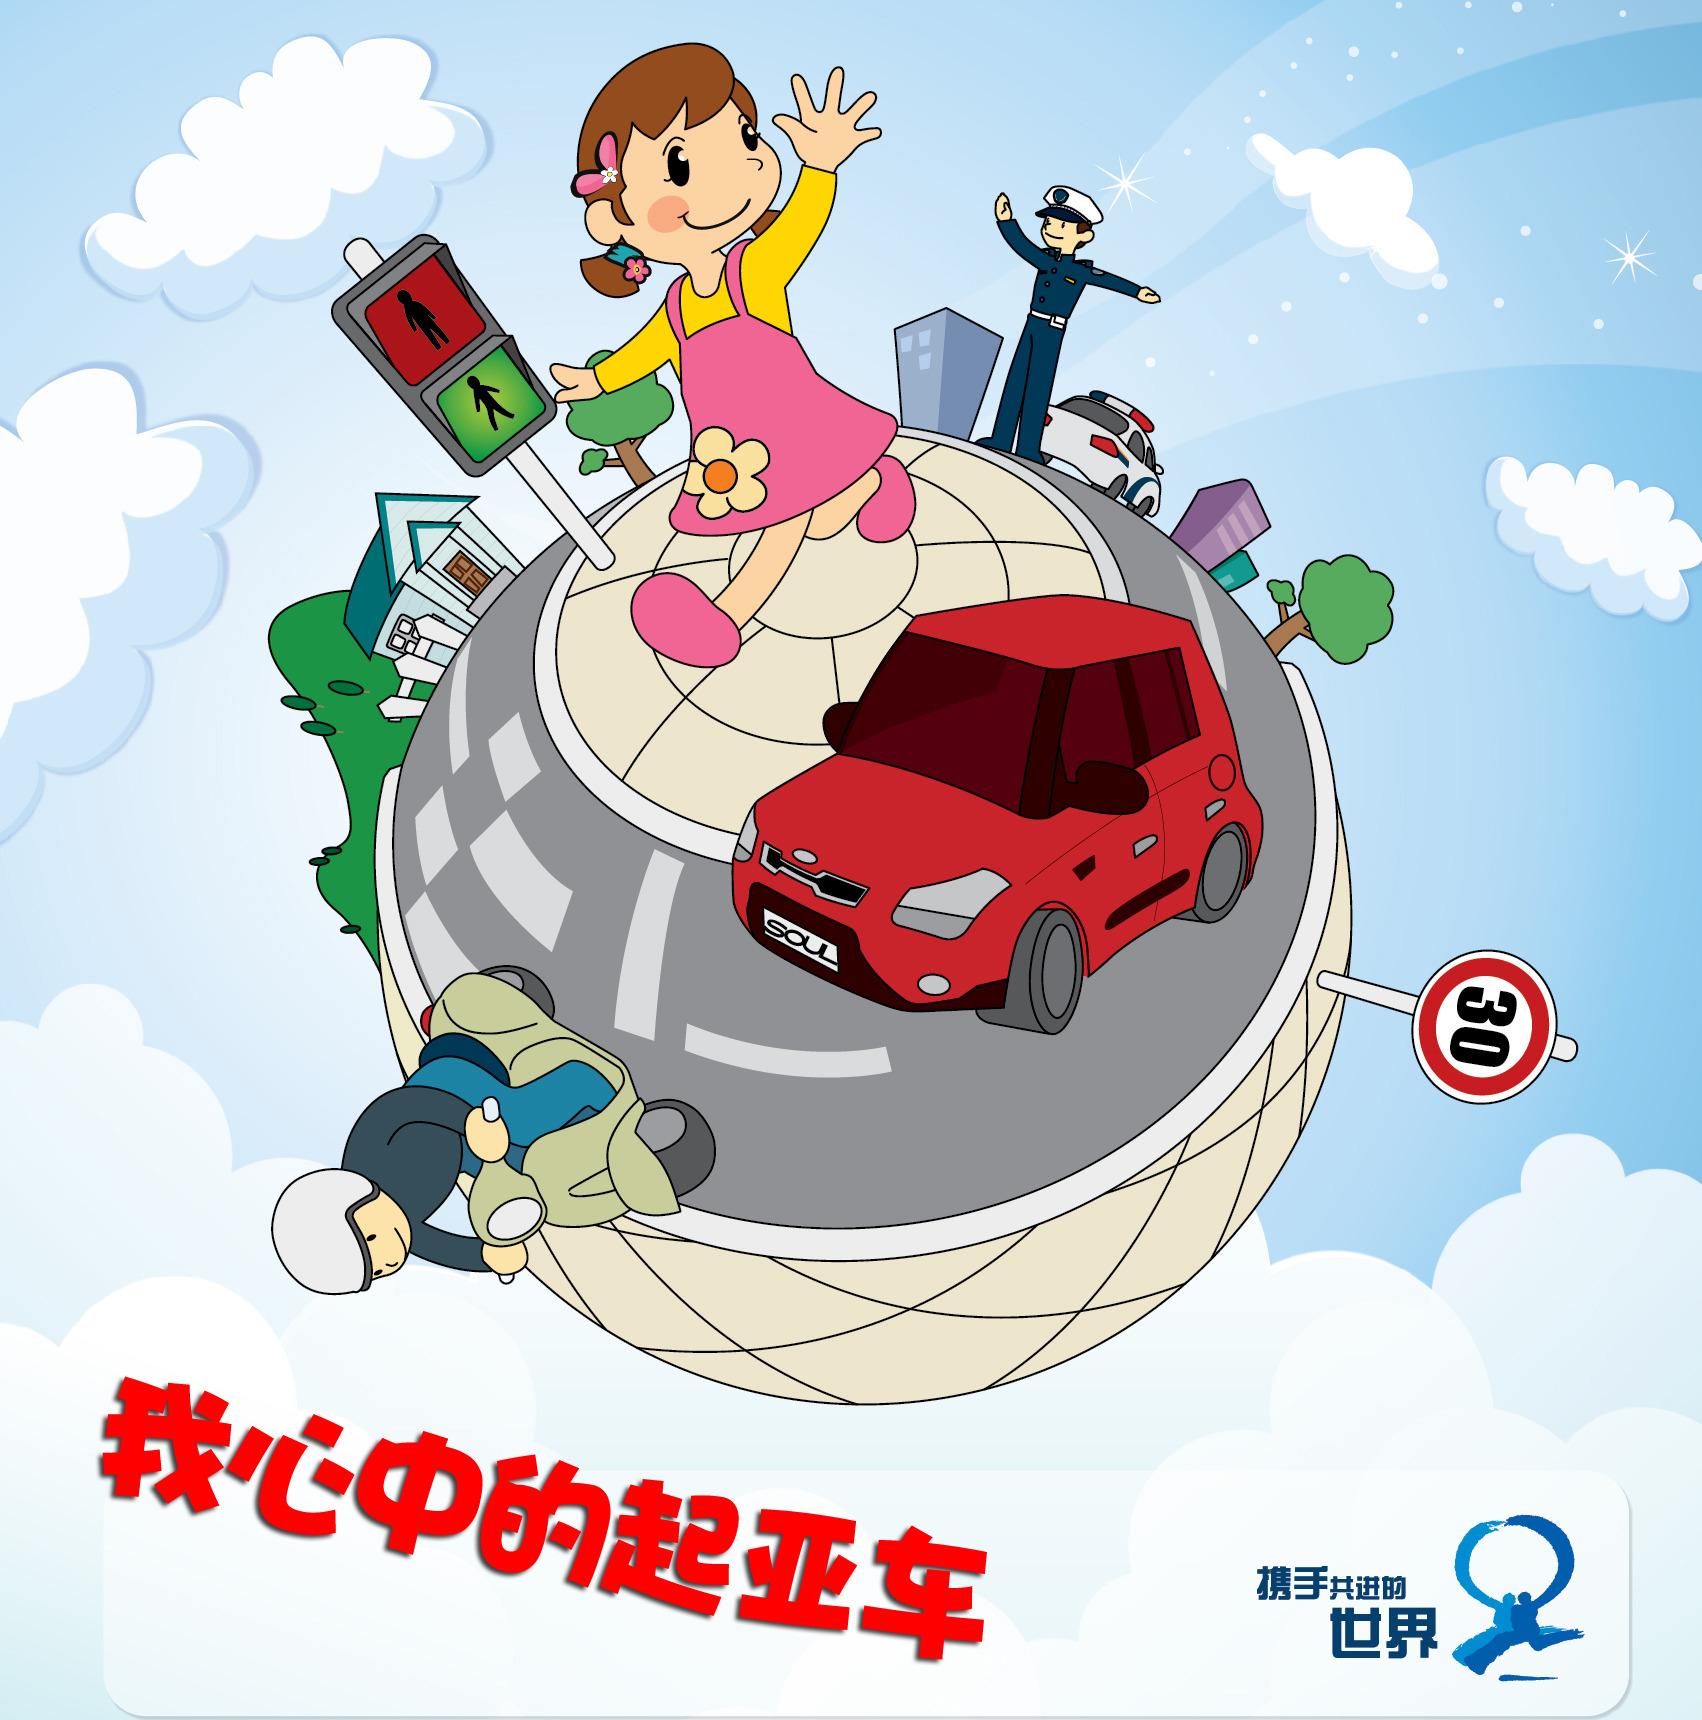 【我心中的起亚车——大型DIY绘画比赛_青岛韩亚专题活动】 - 网上车市